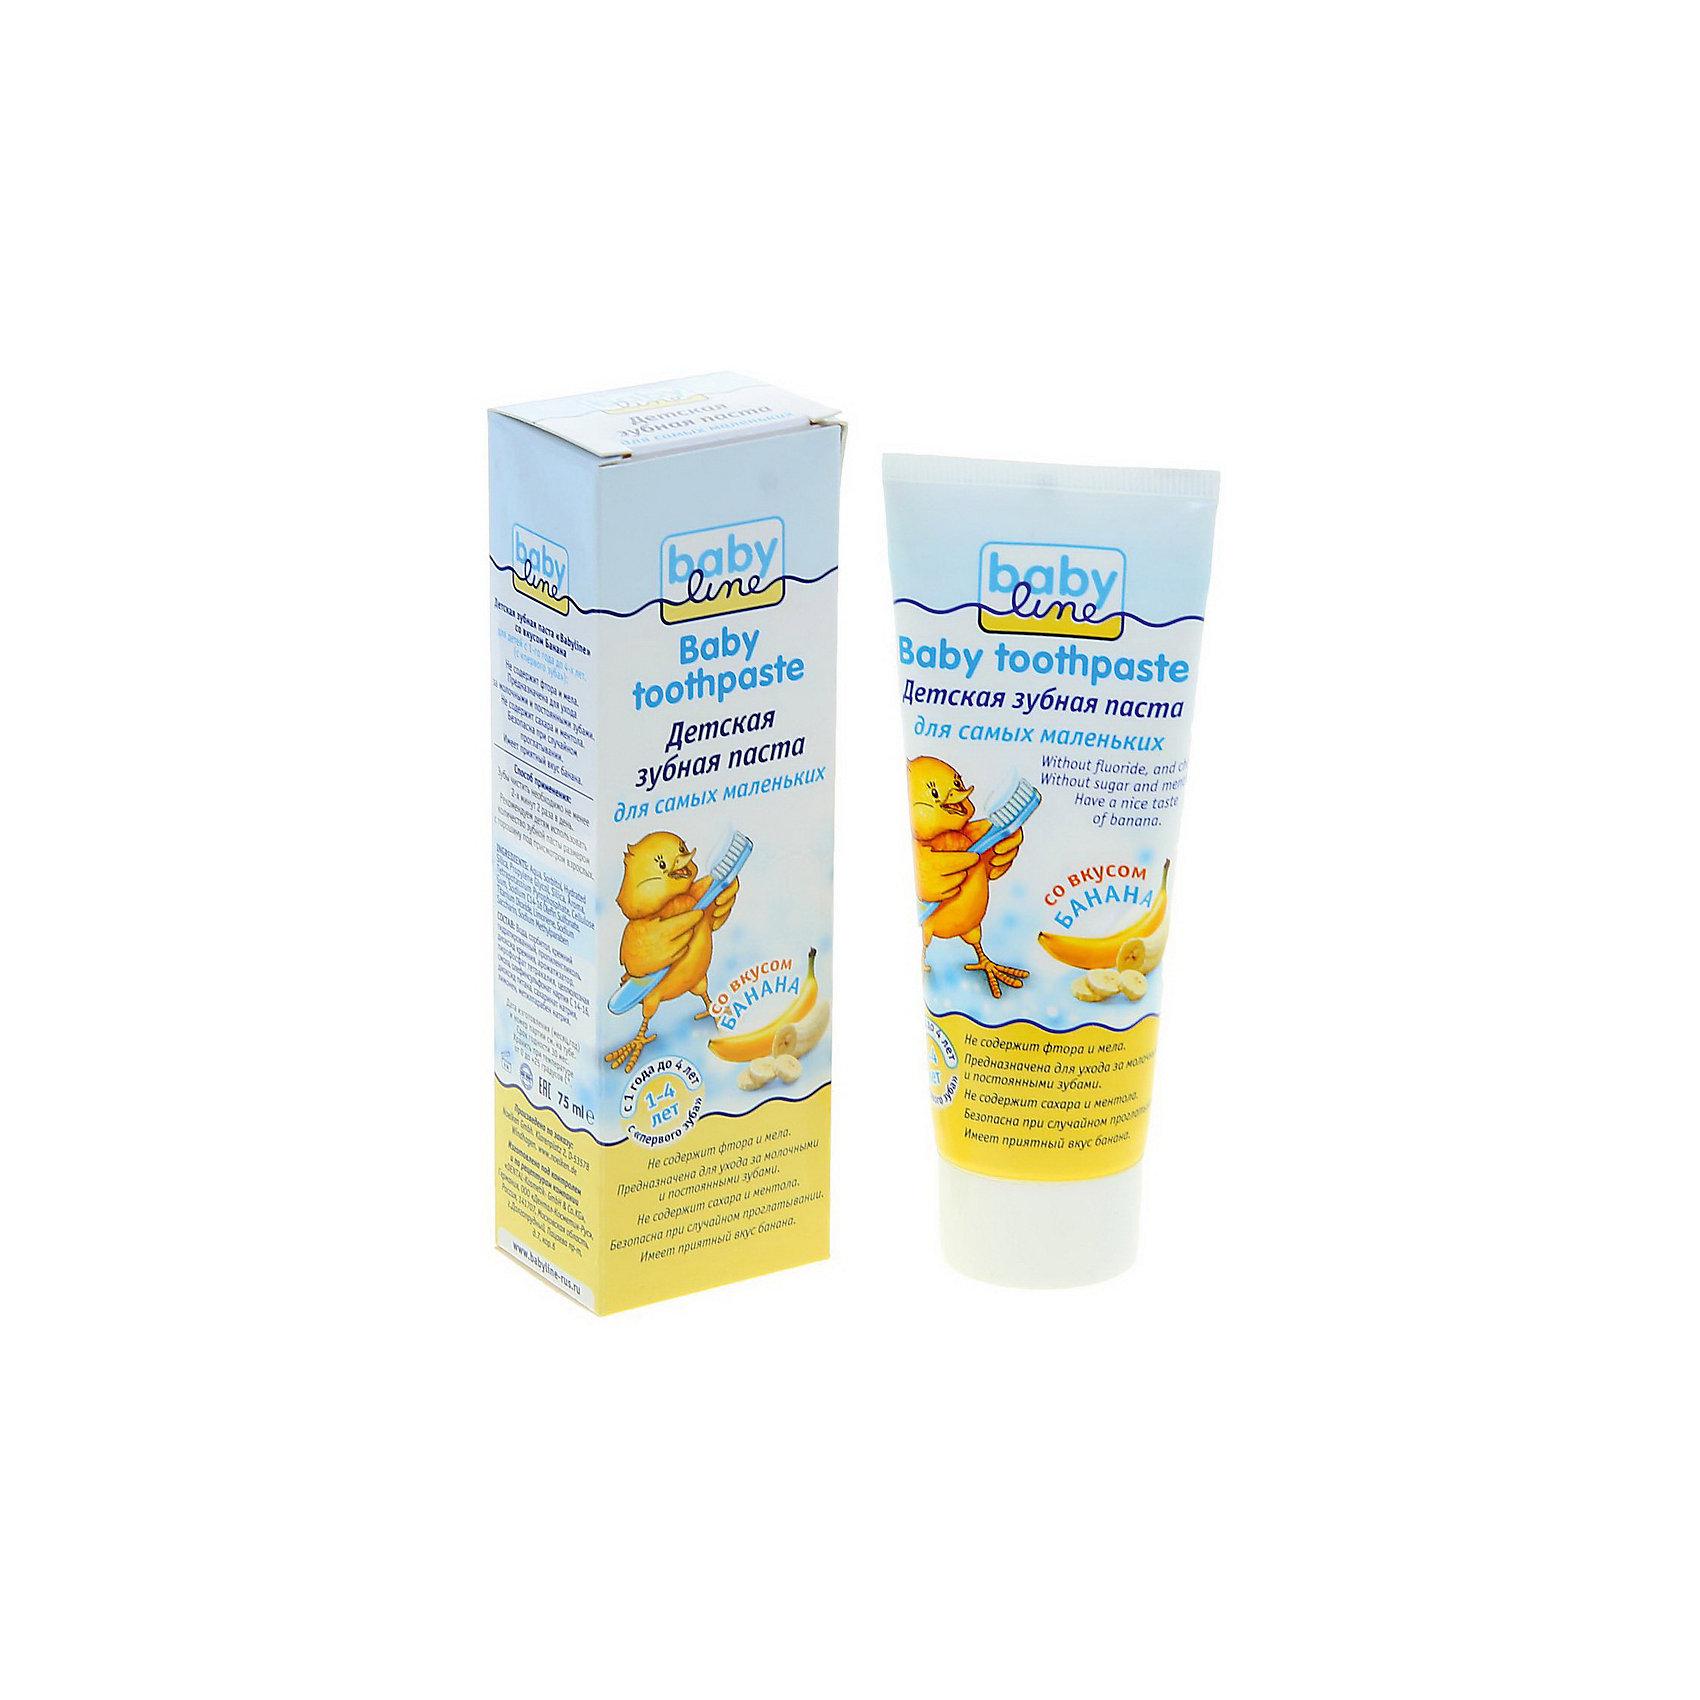 Babyline Детская зубная паста со вкусом банана, Babyline, 75 мл babyline детская зубная паста со вкусом банана babyline 75 мл